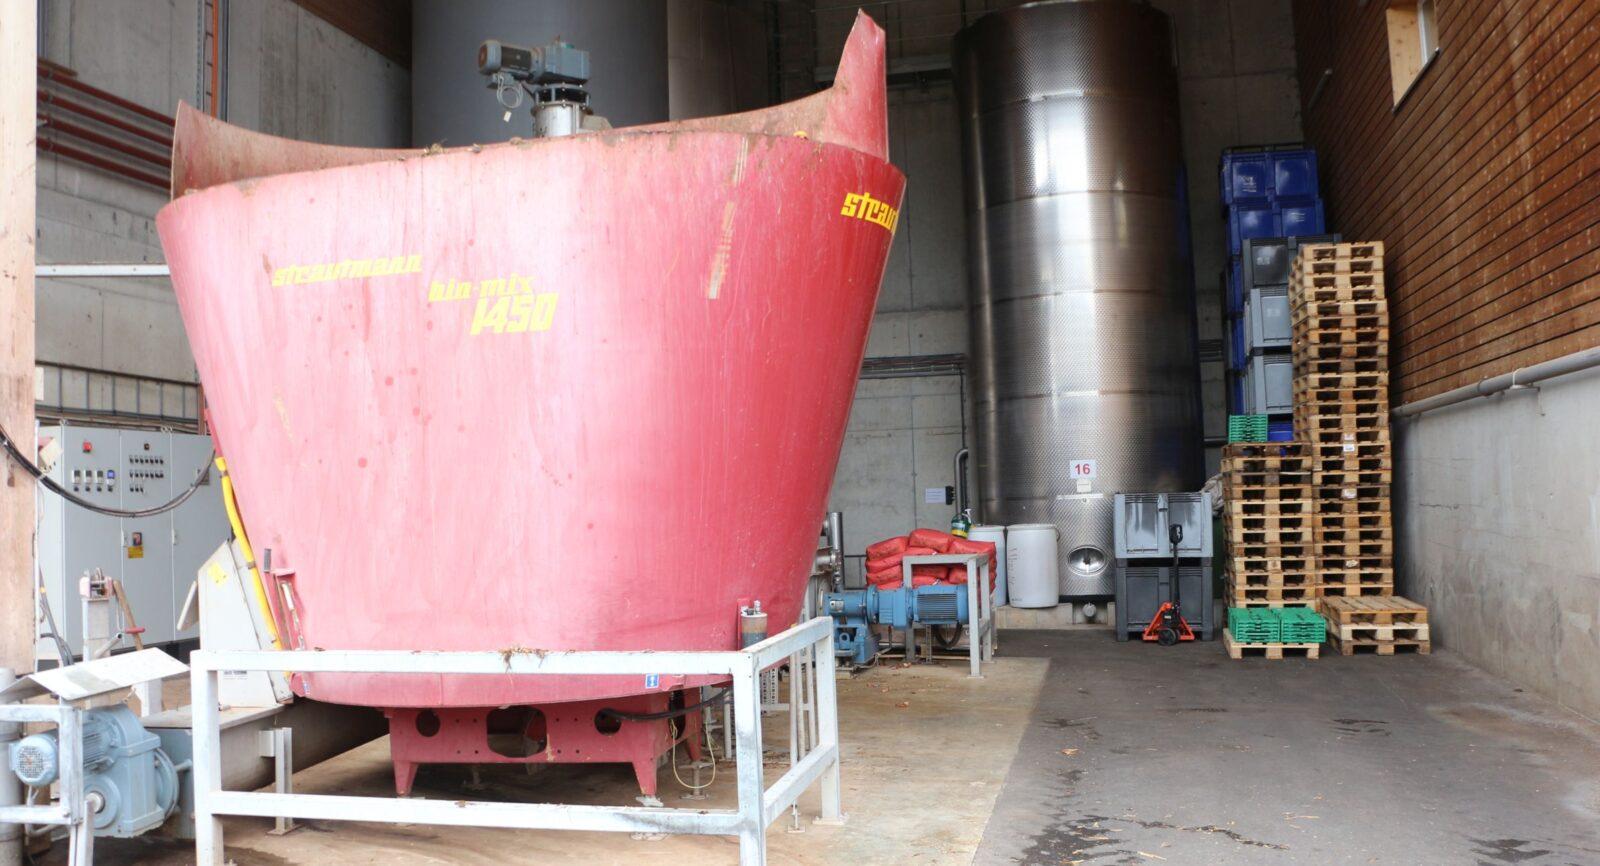 Im Querstromzerspaner werden die grossen Substrate (Siloballen, Mist usw.) zerkleinert, um den Abbauprozess zu Biogas zu optimieren.